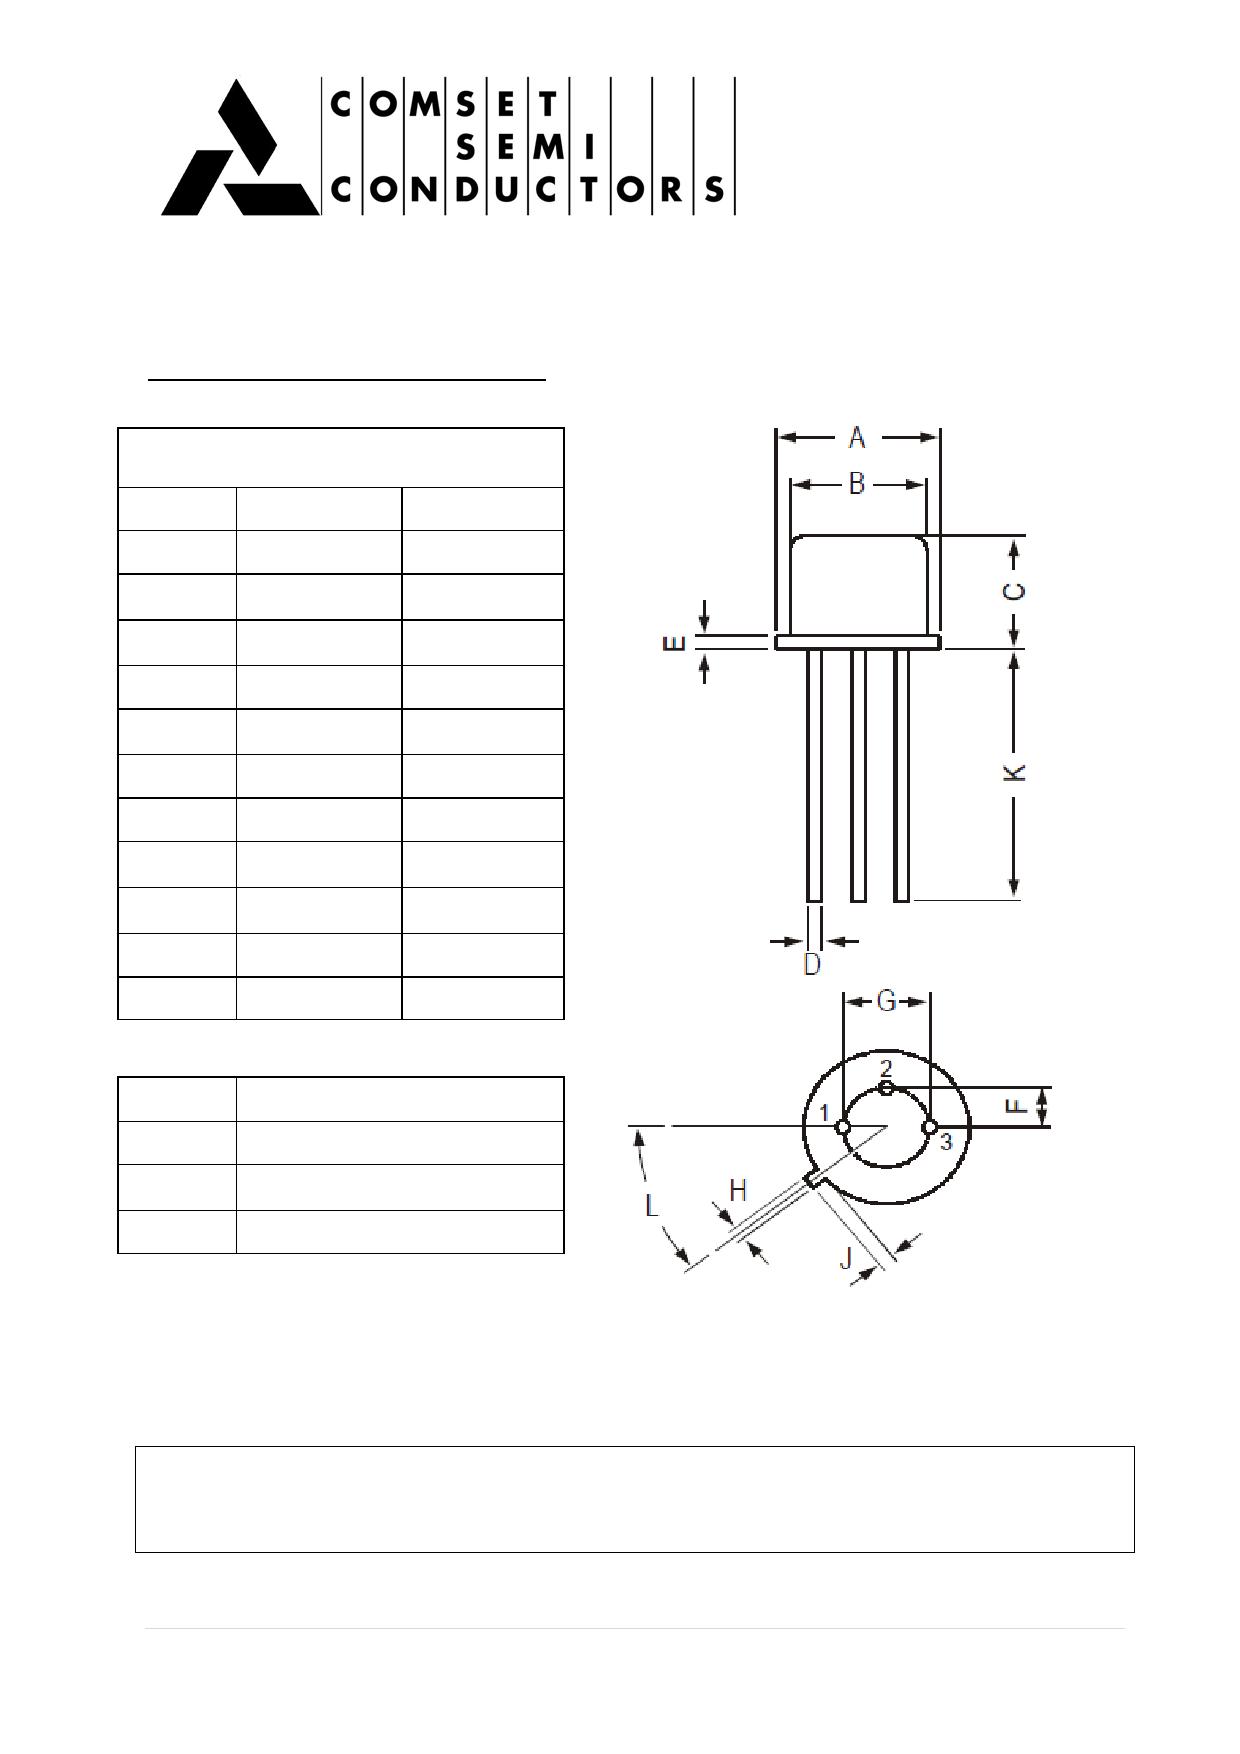 2N1599 pdf, 電子部品, 半導体, ピン配列